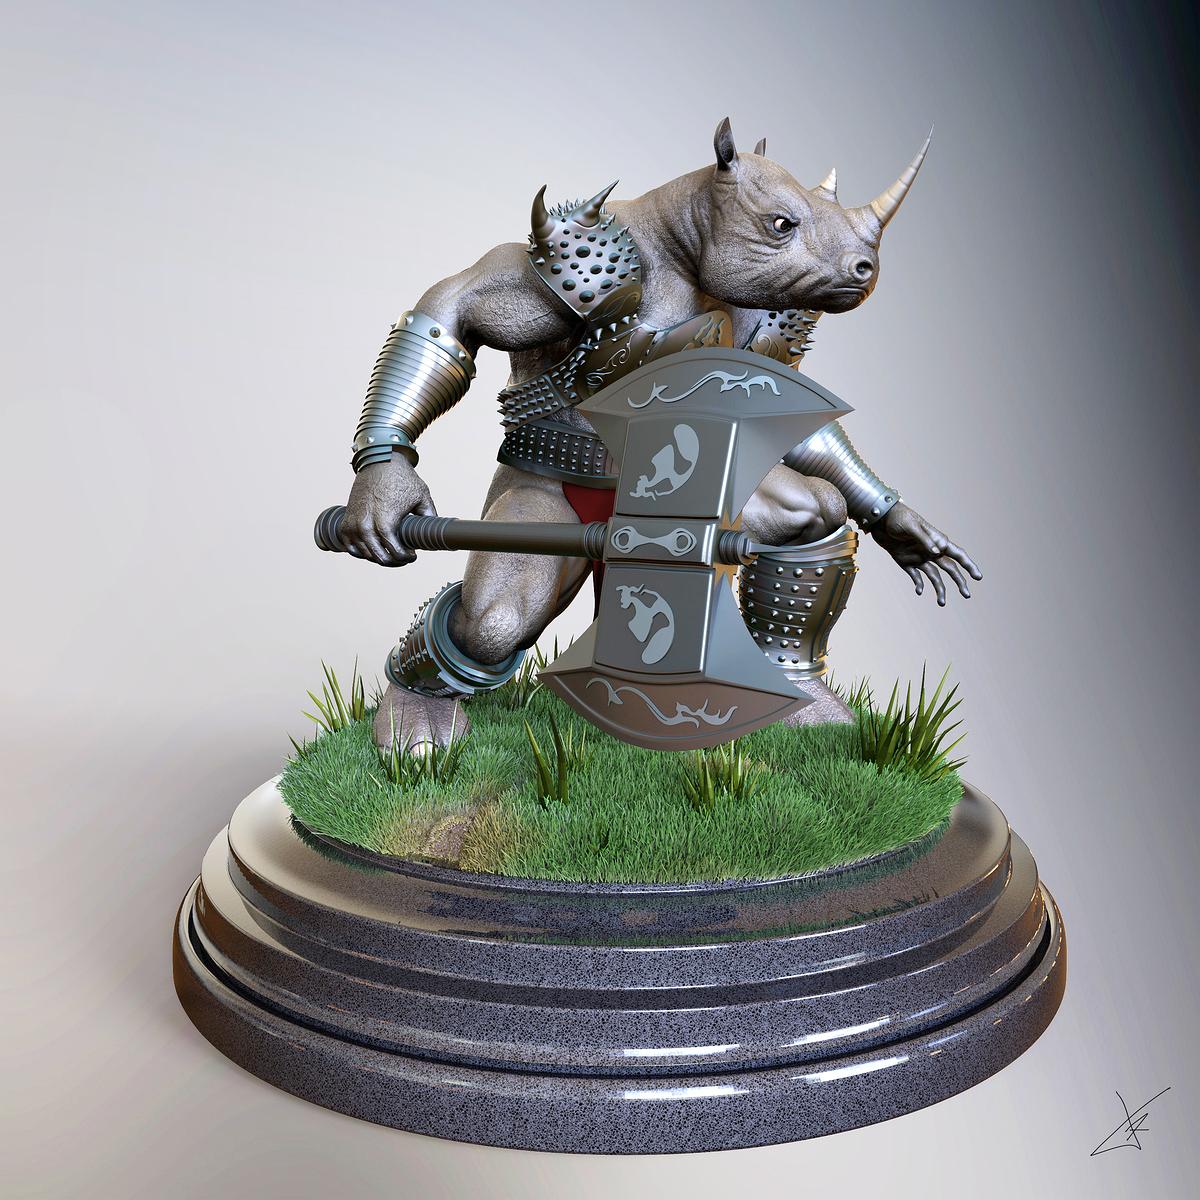 RhinoWarrior4